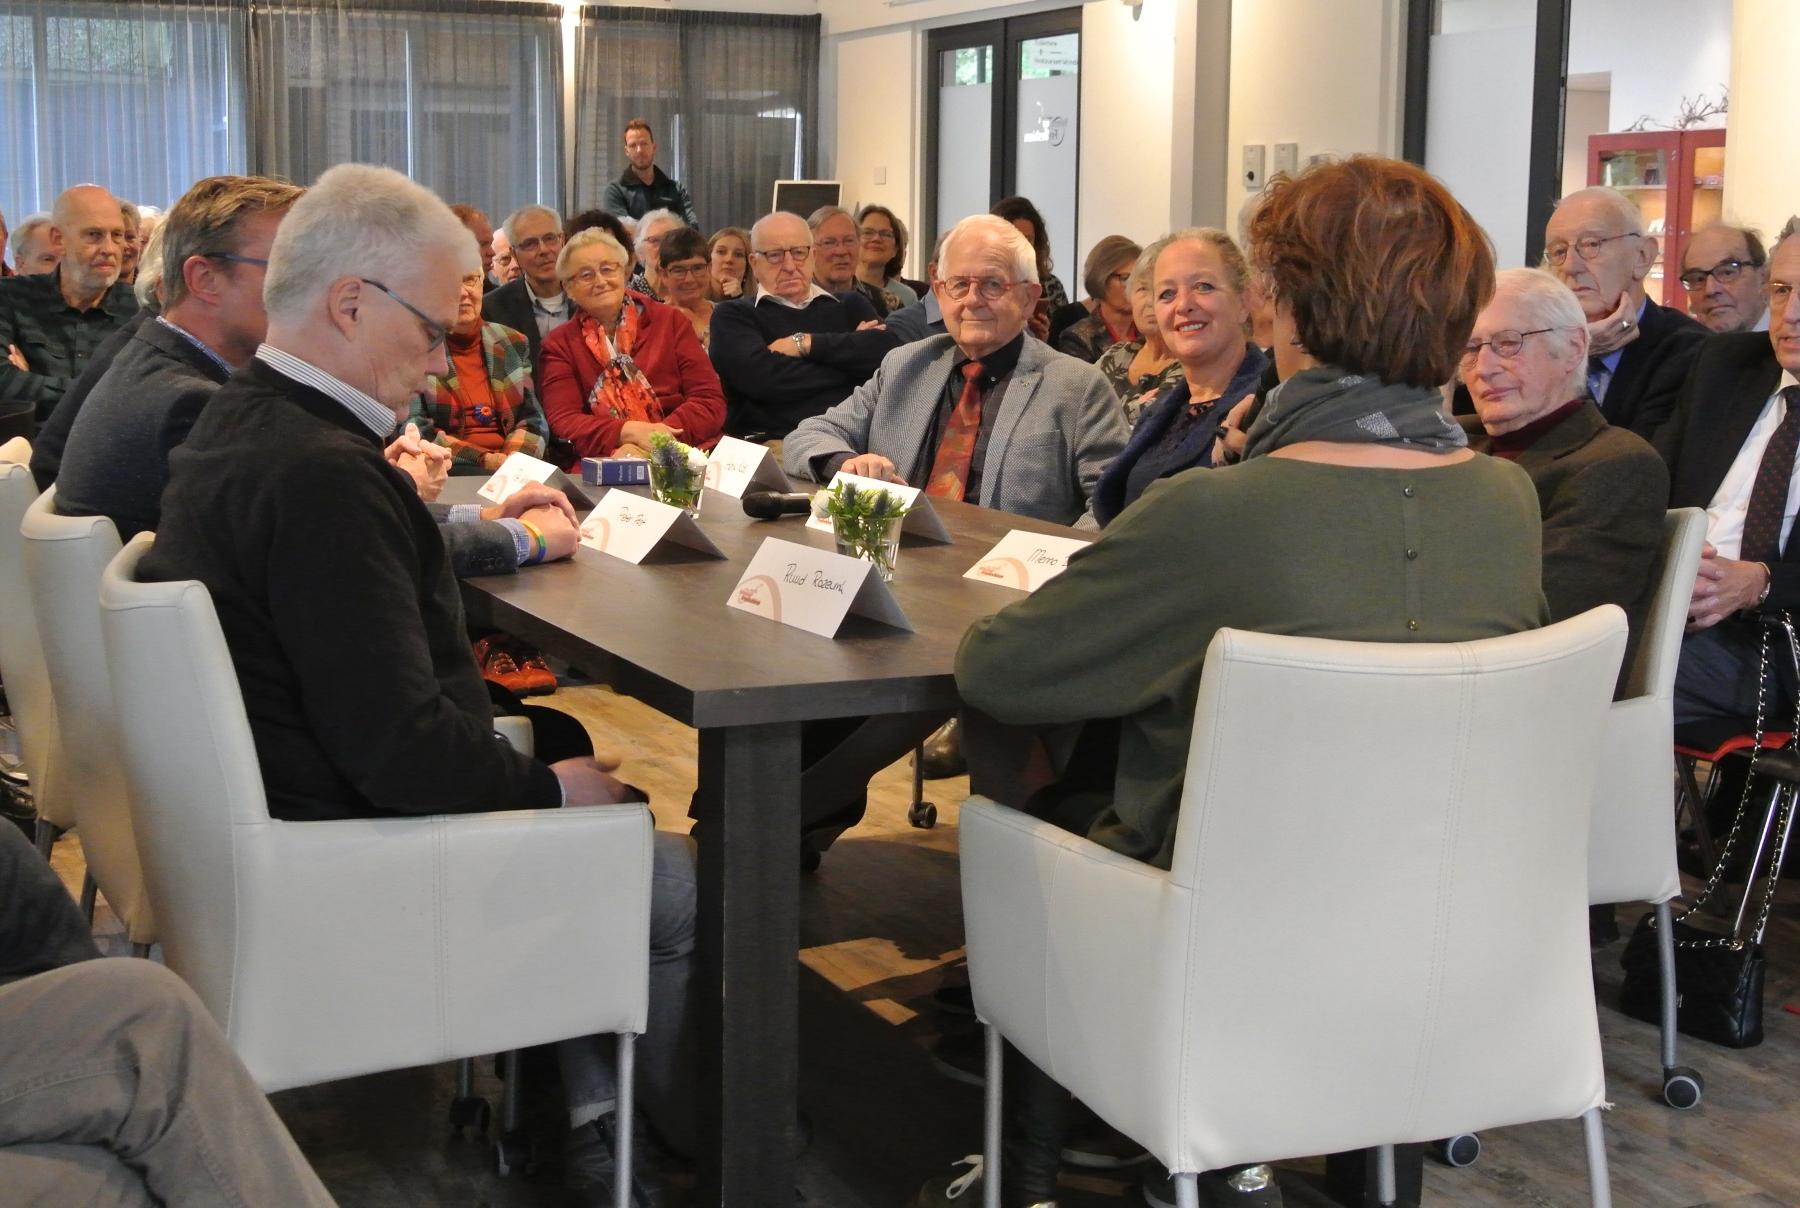 90 Jarig Feest Buitengoed Fredeshiem Steenwijk De Bult